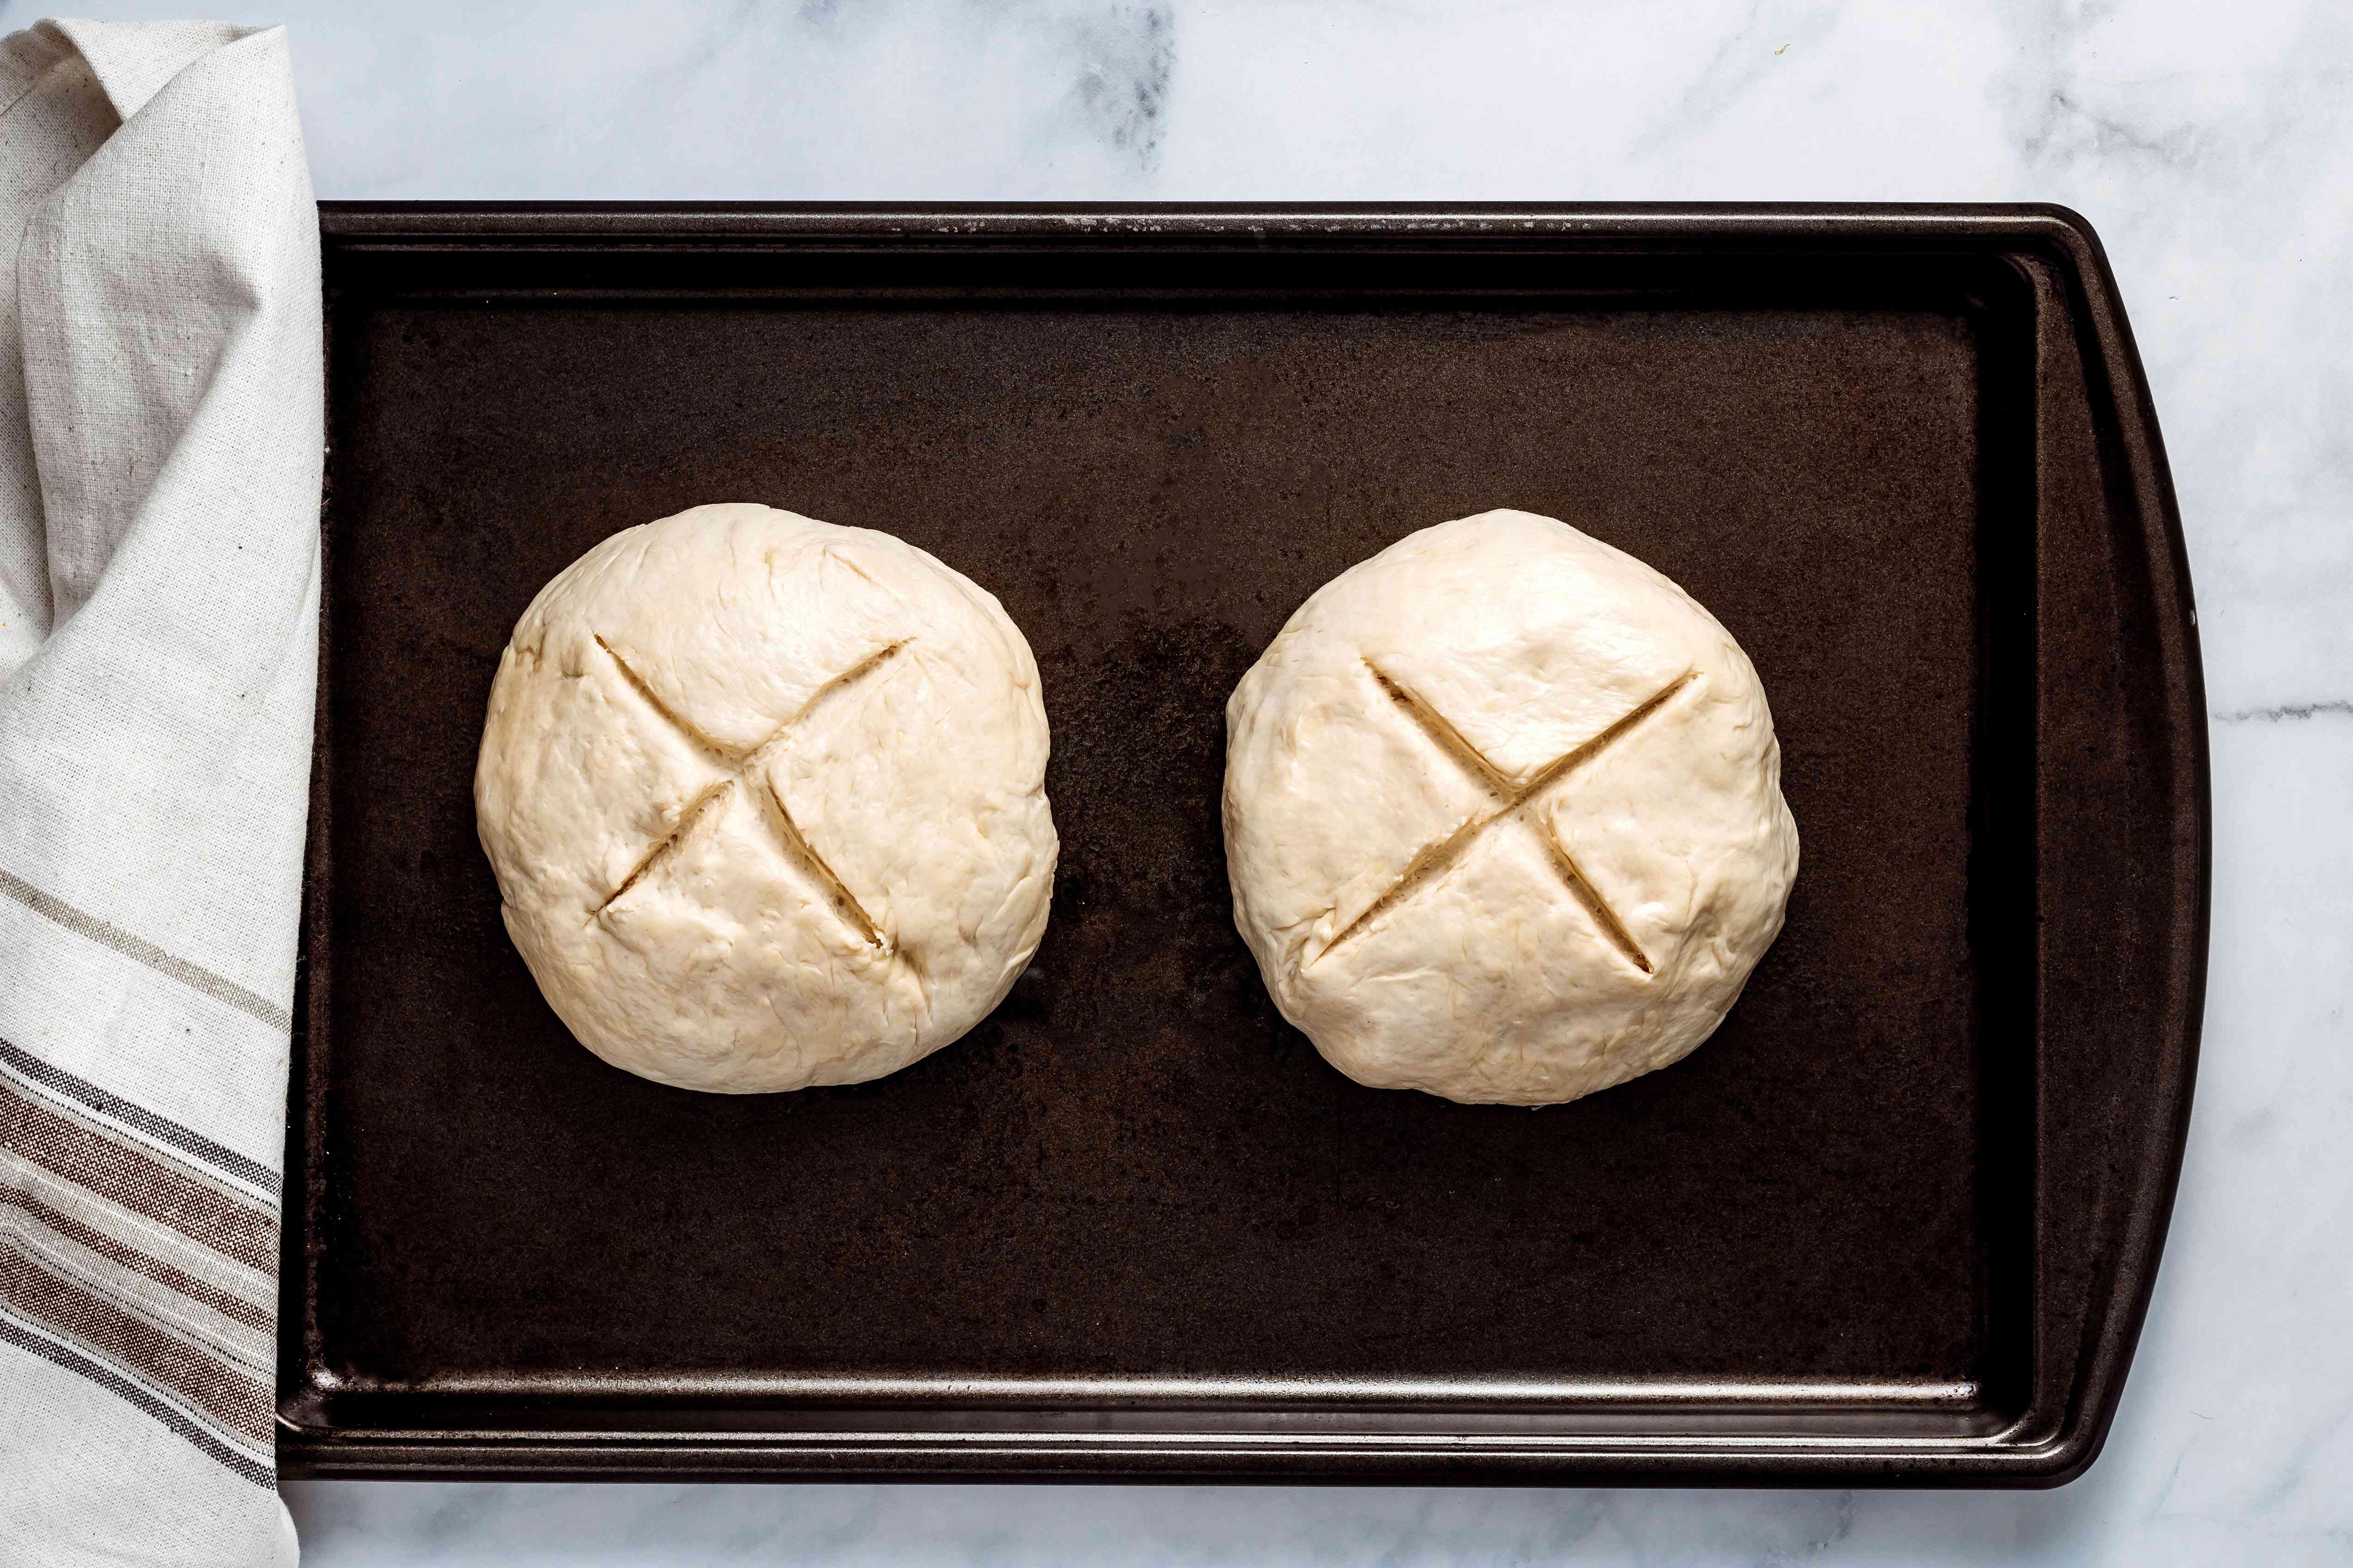 dough on a baking sheet, an X sliced into the dough